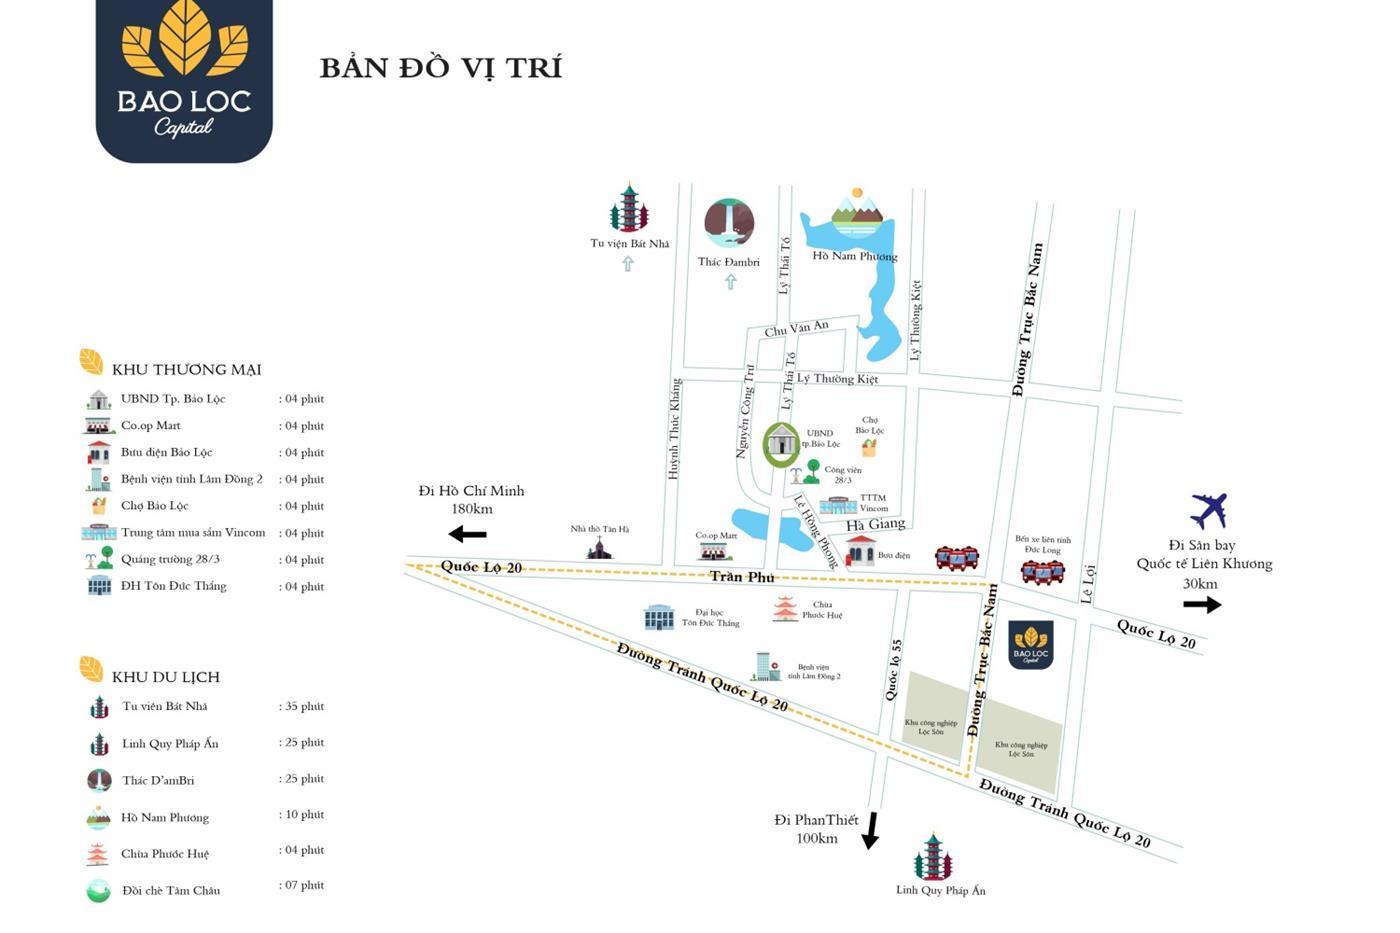 Vị trí khu đô thịBảo Lộc Capital